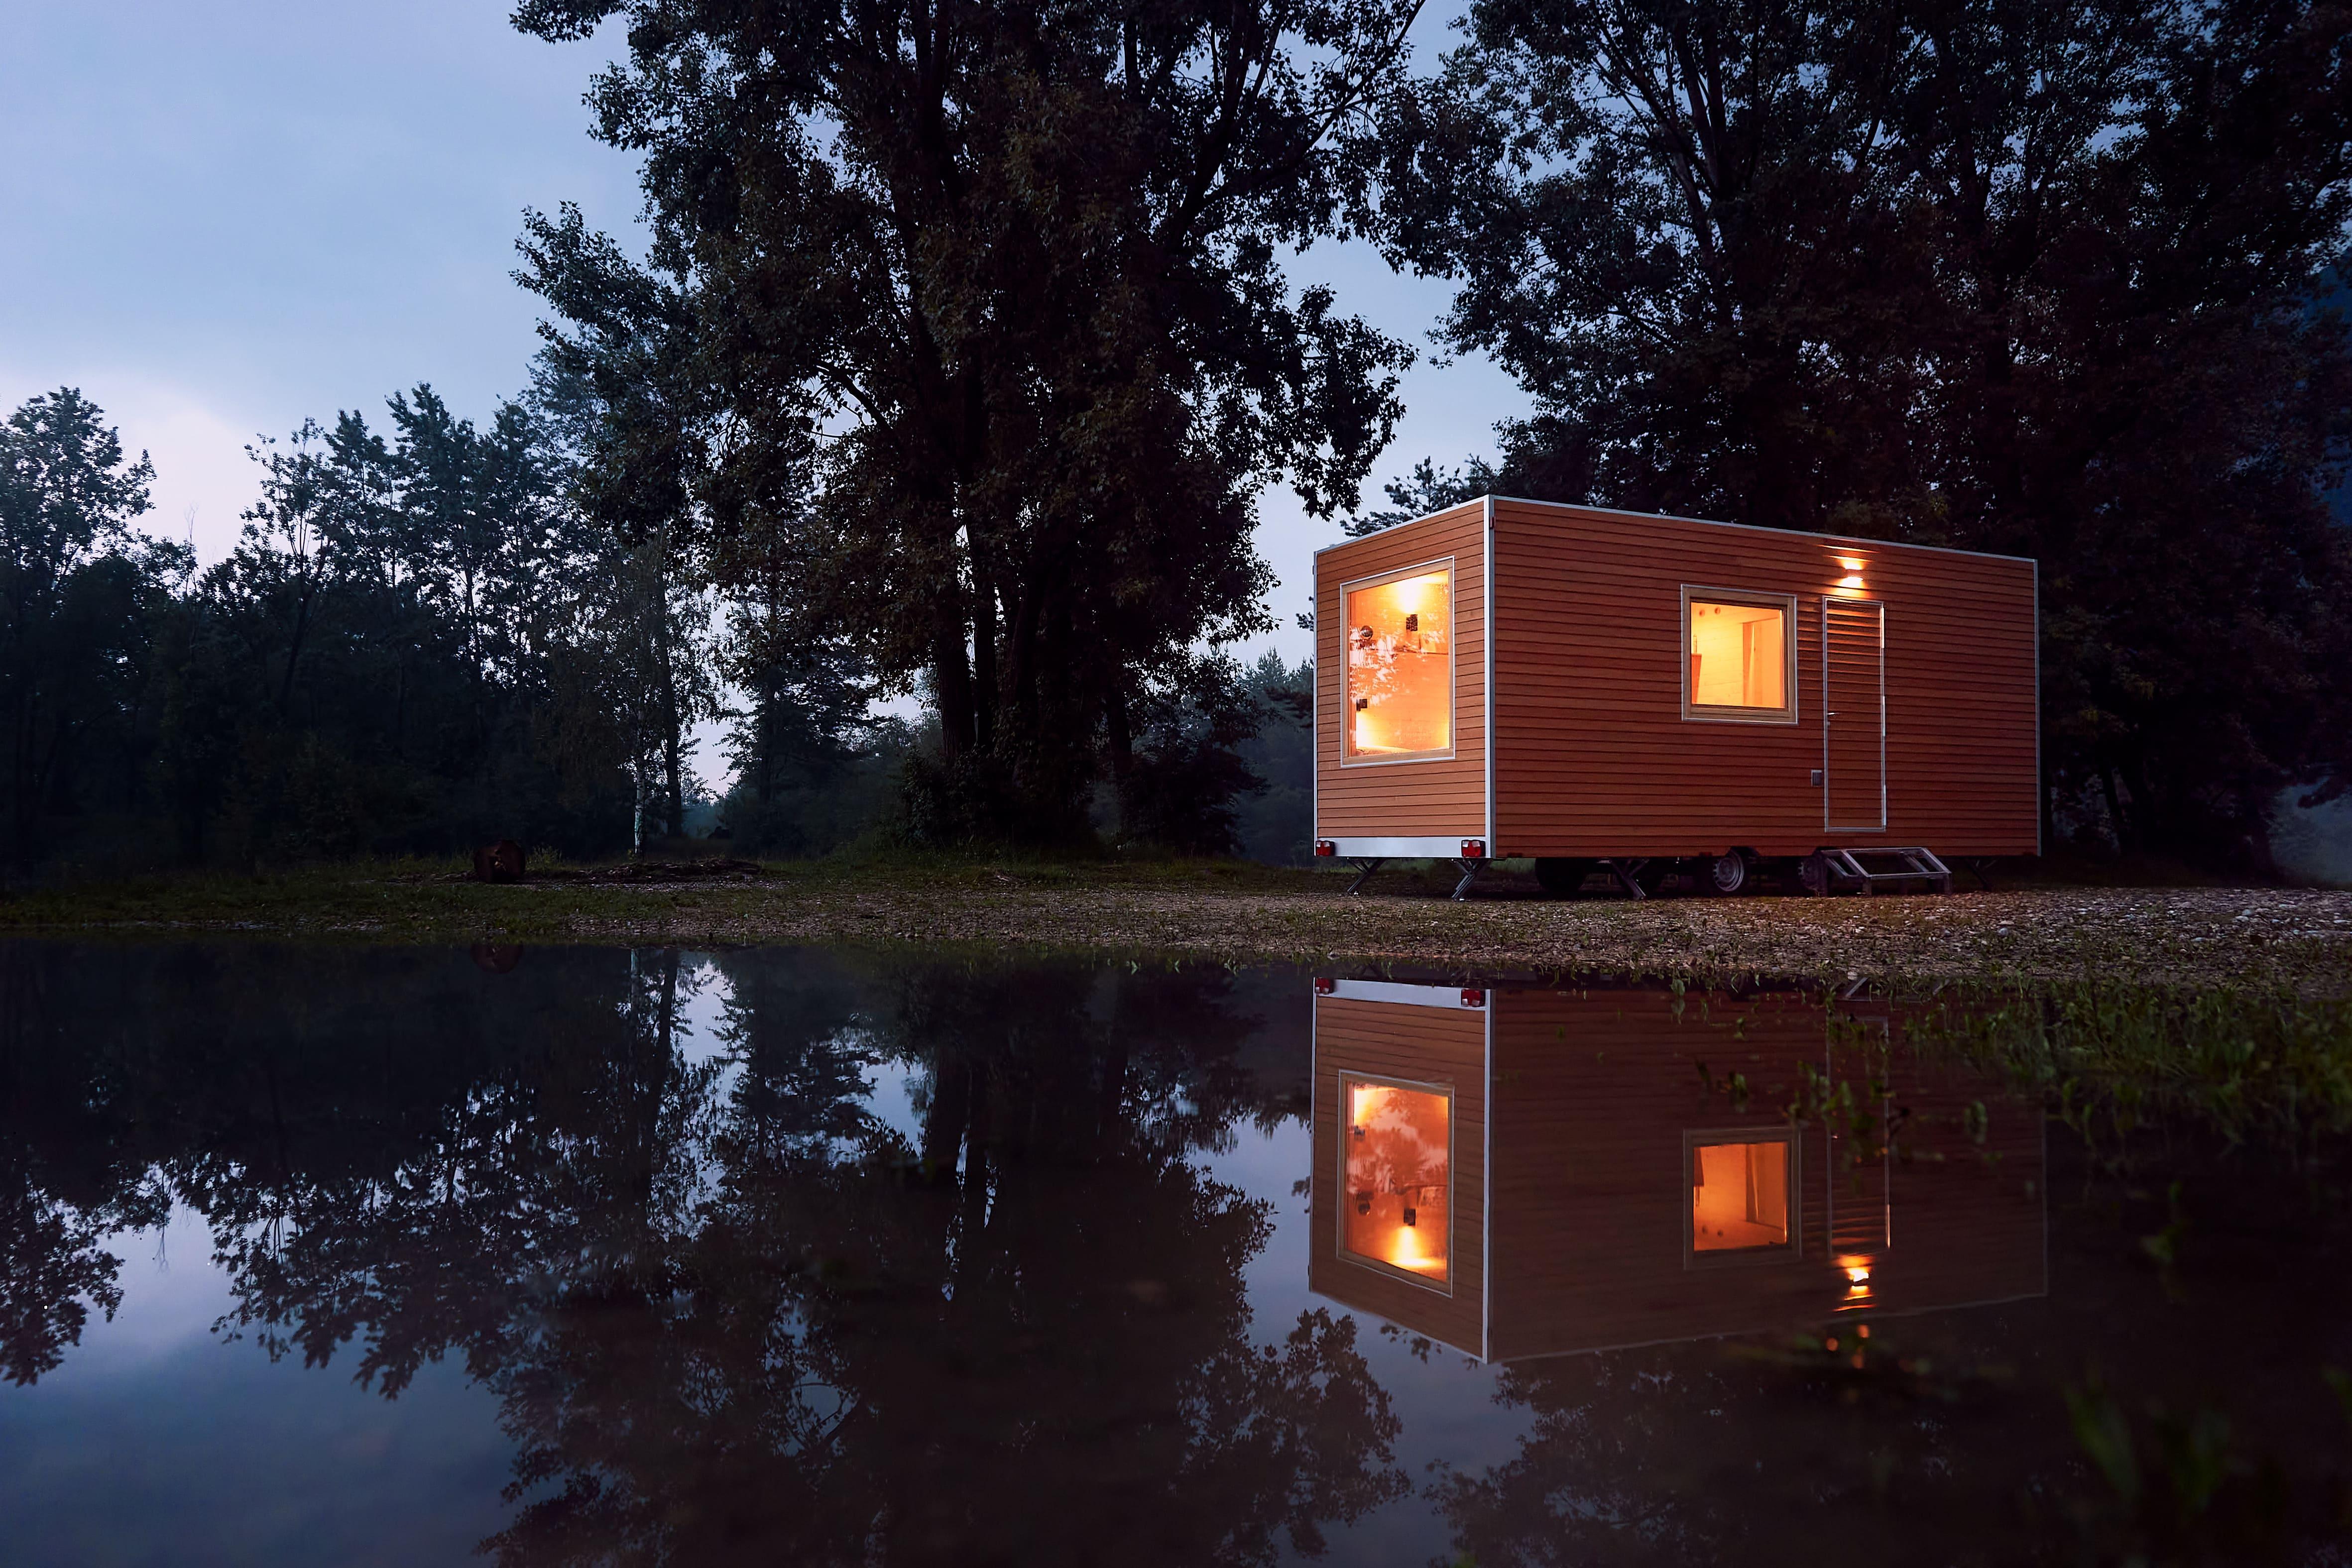 Immagine per Dormire in riva ai laghetti rossi a impatto zero, Capriva si apre al turismo ecosostenibile